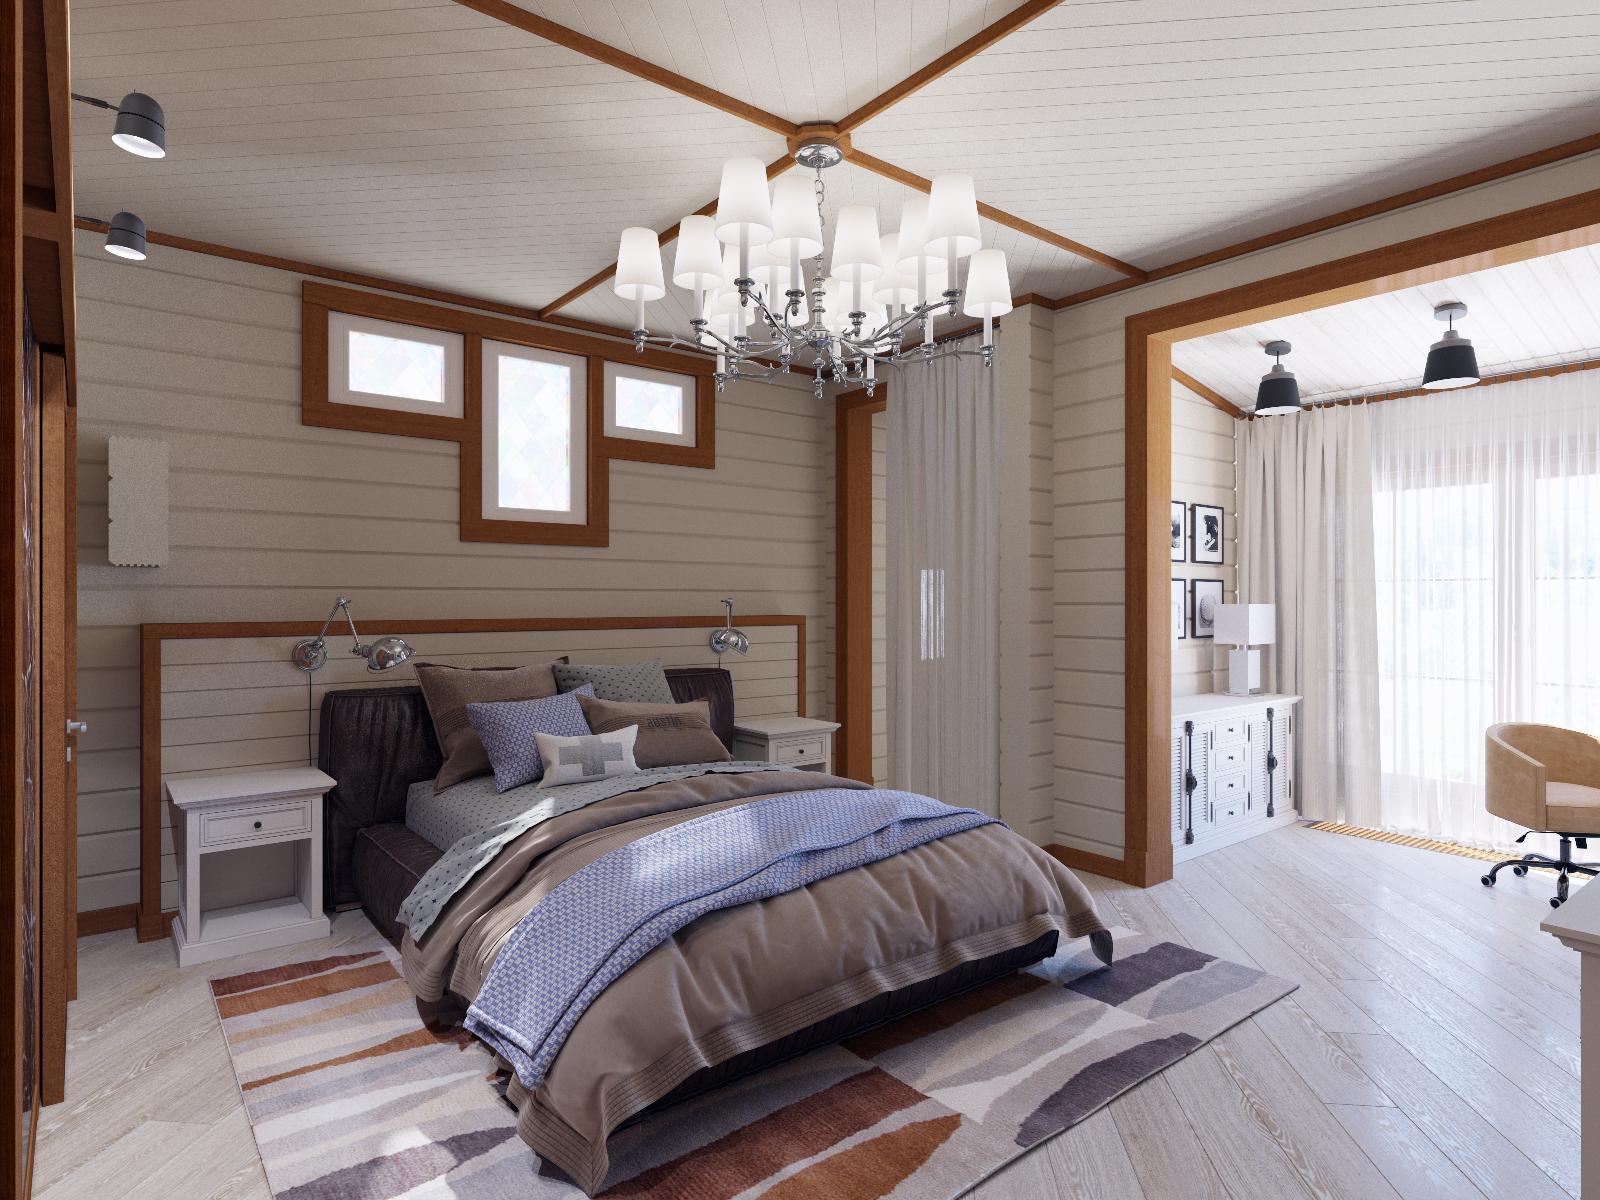 Хозяйская спальня. Цветовые решения